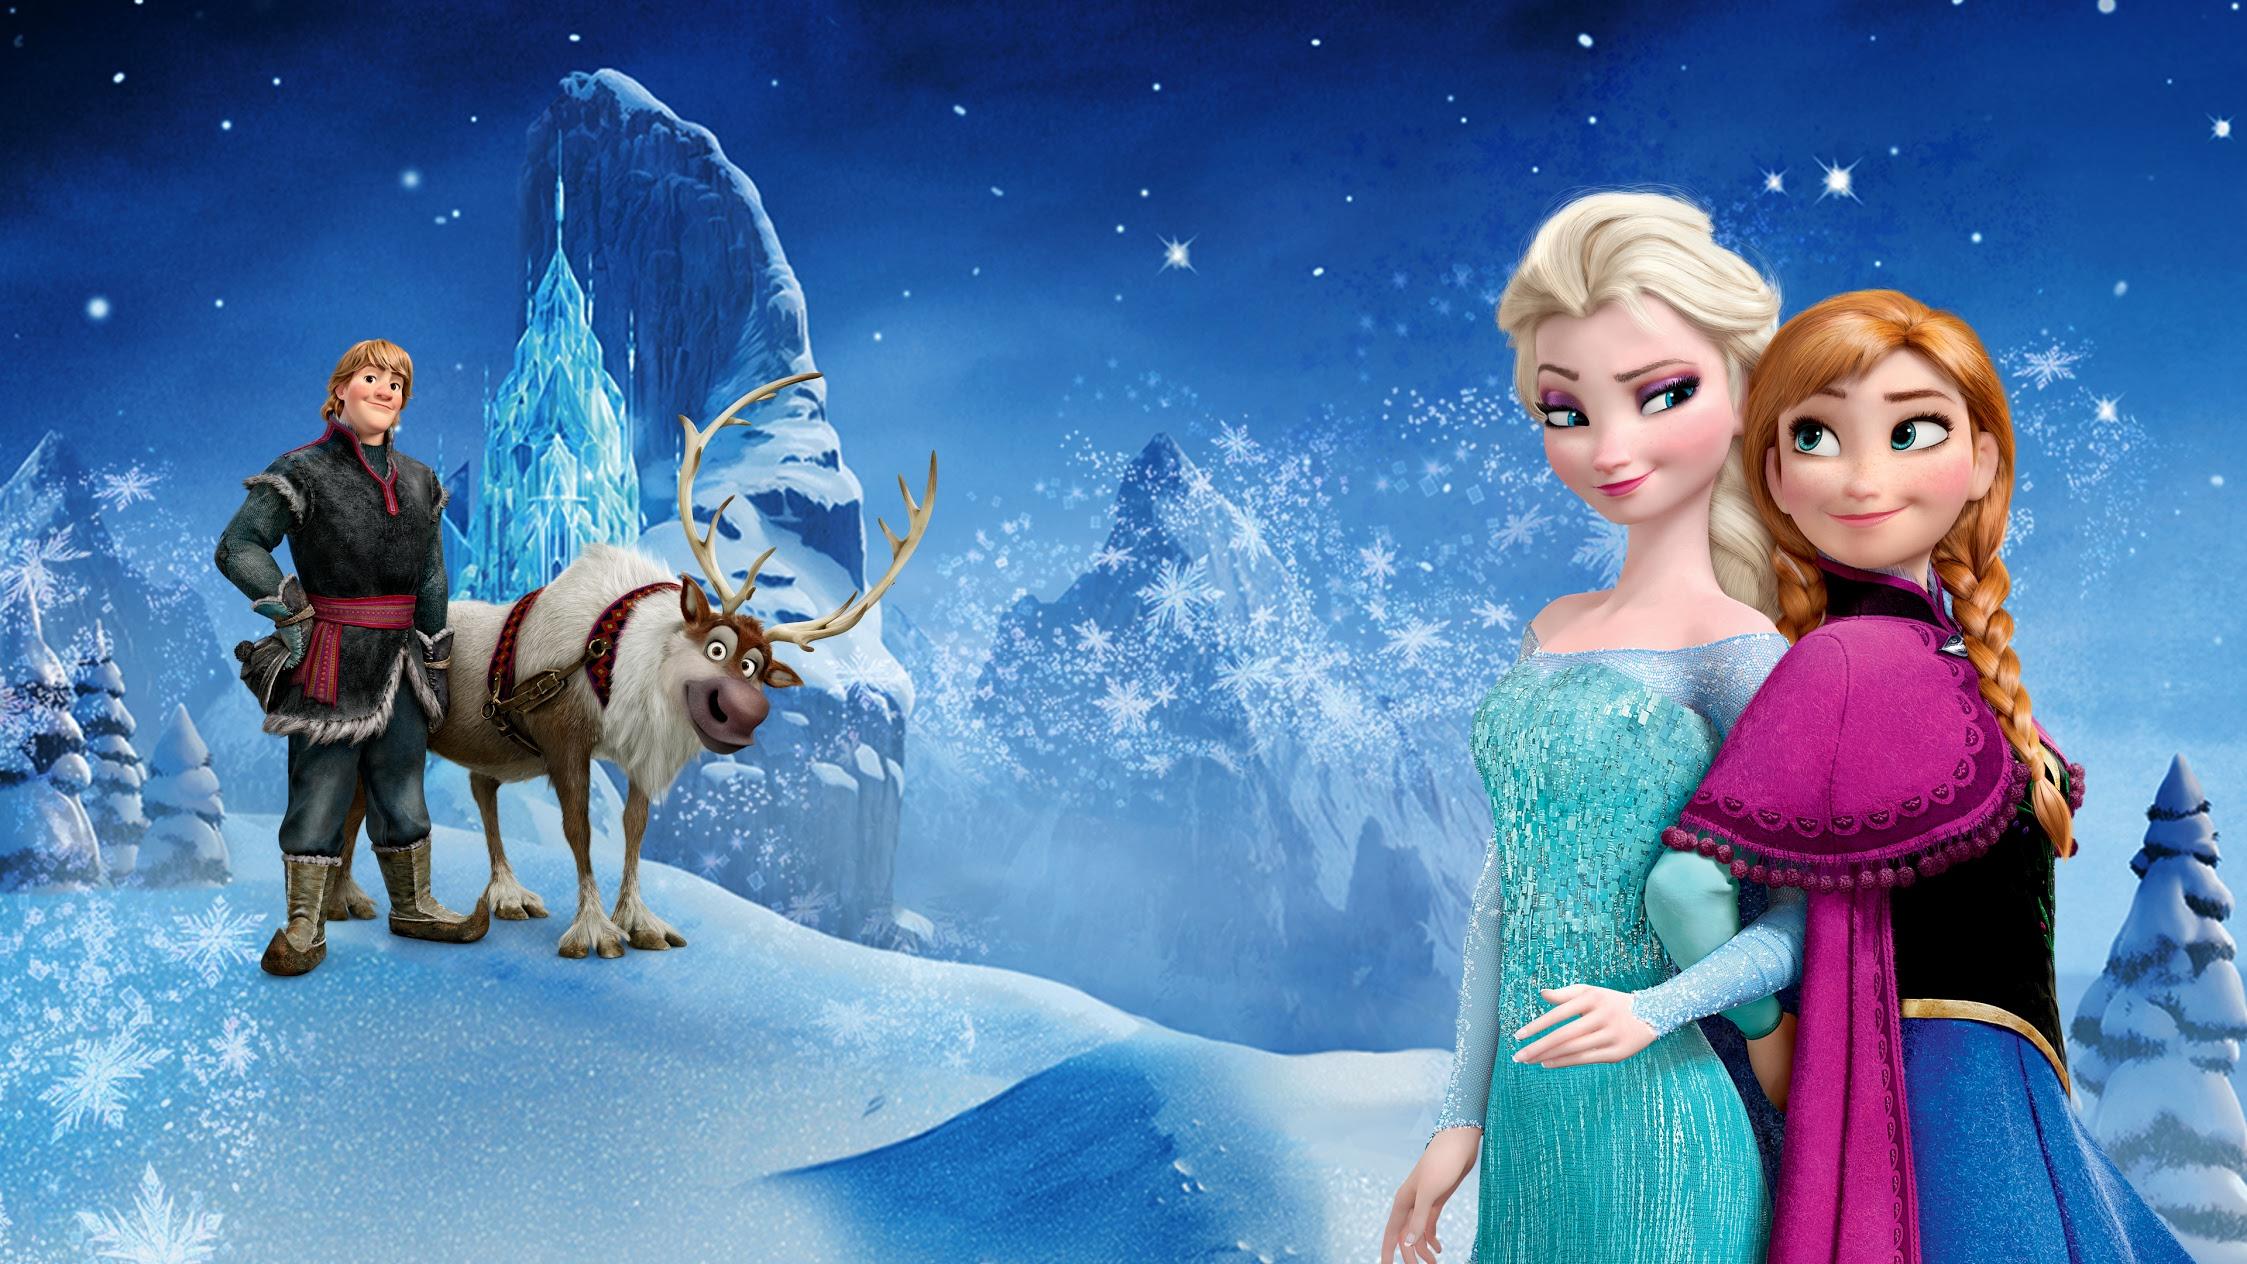 Imagens Frozen Uma Aventura Congelante Delightful frozen: uma aventura congelante 2 - poltrona nerd